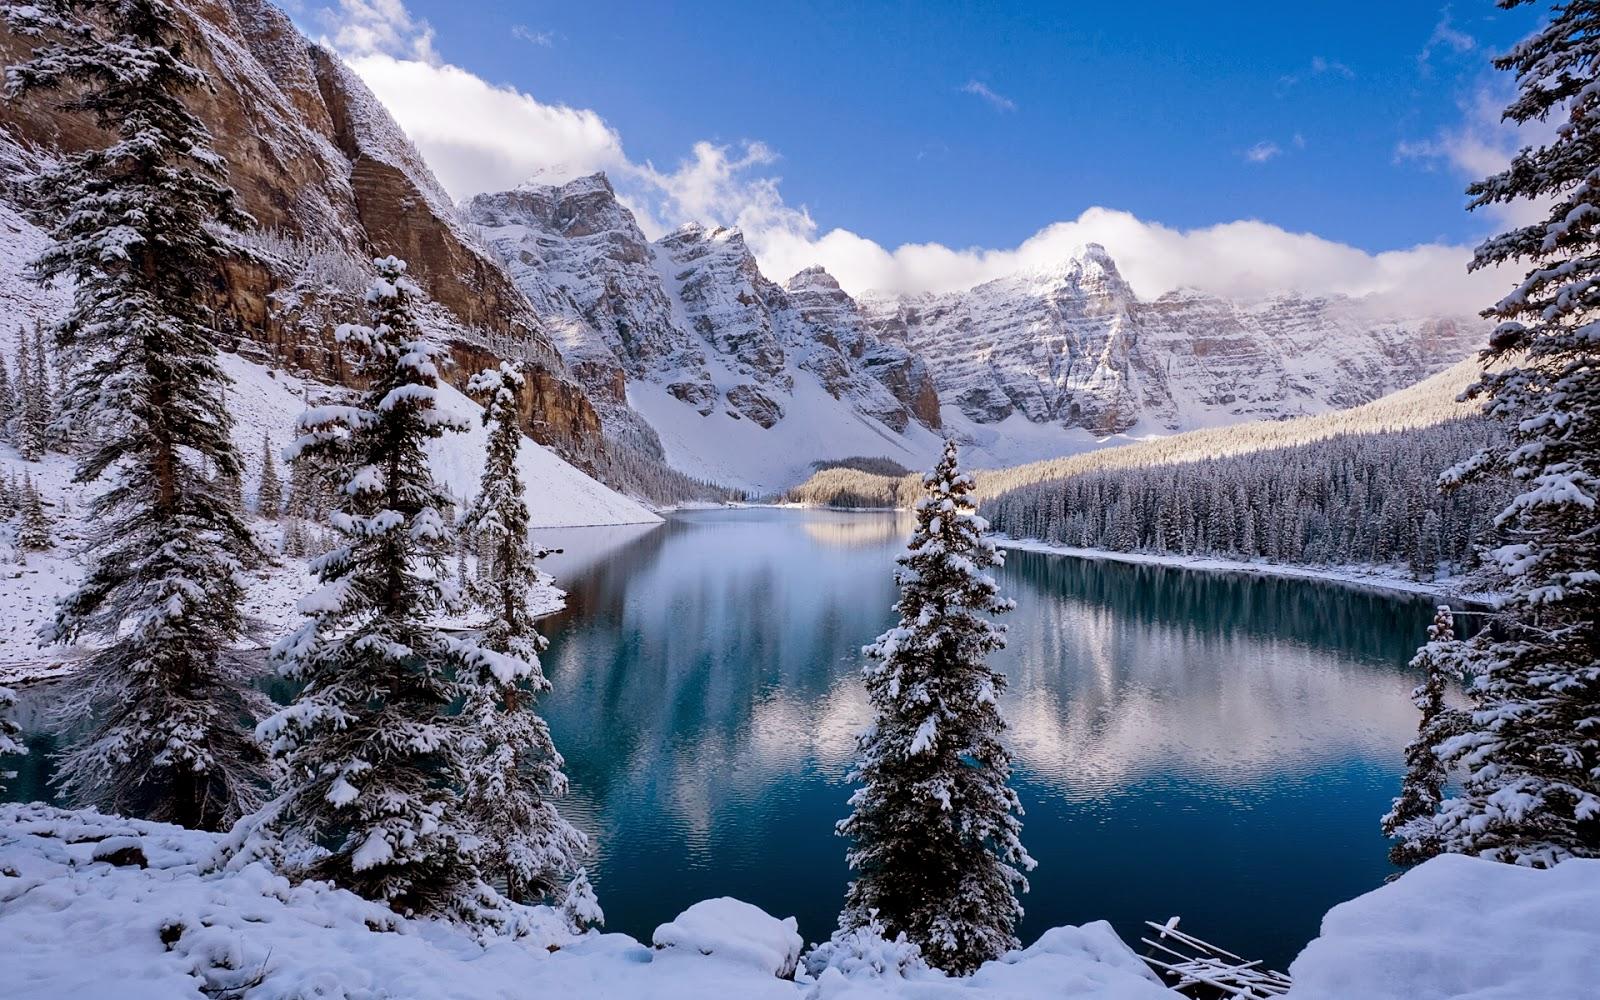 """<img src=""""http://2.bp.blogspot.com/-KtDQgQryi-Y/Ut5F5mldCdI/AAAAAAAAJh4/LaaXtBMSgm8/s1600/moraine-lake-in-winter-canada.jpg"""" alt=""""moraine lake winter in canada"""" />"""